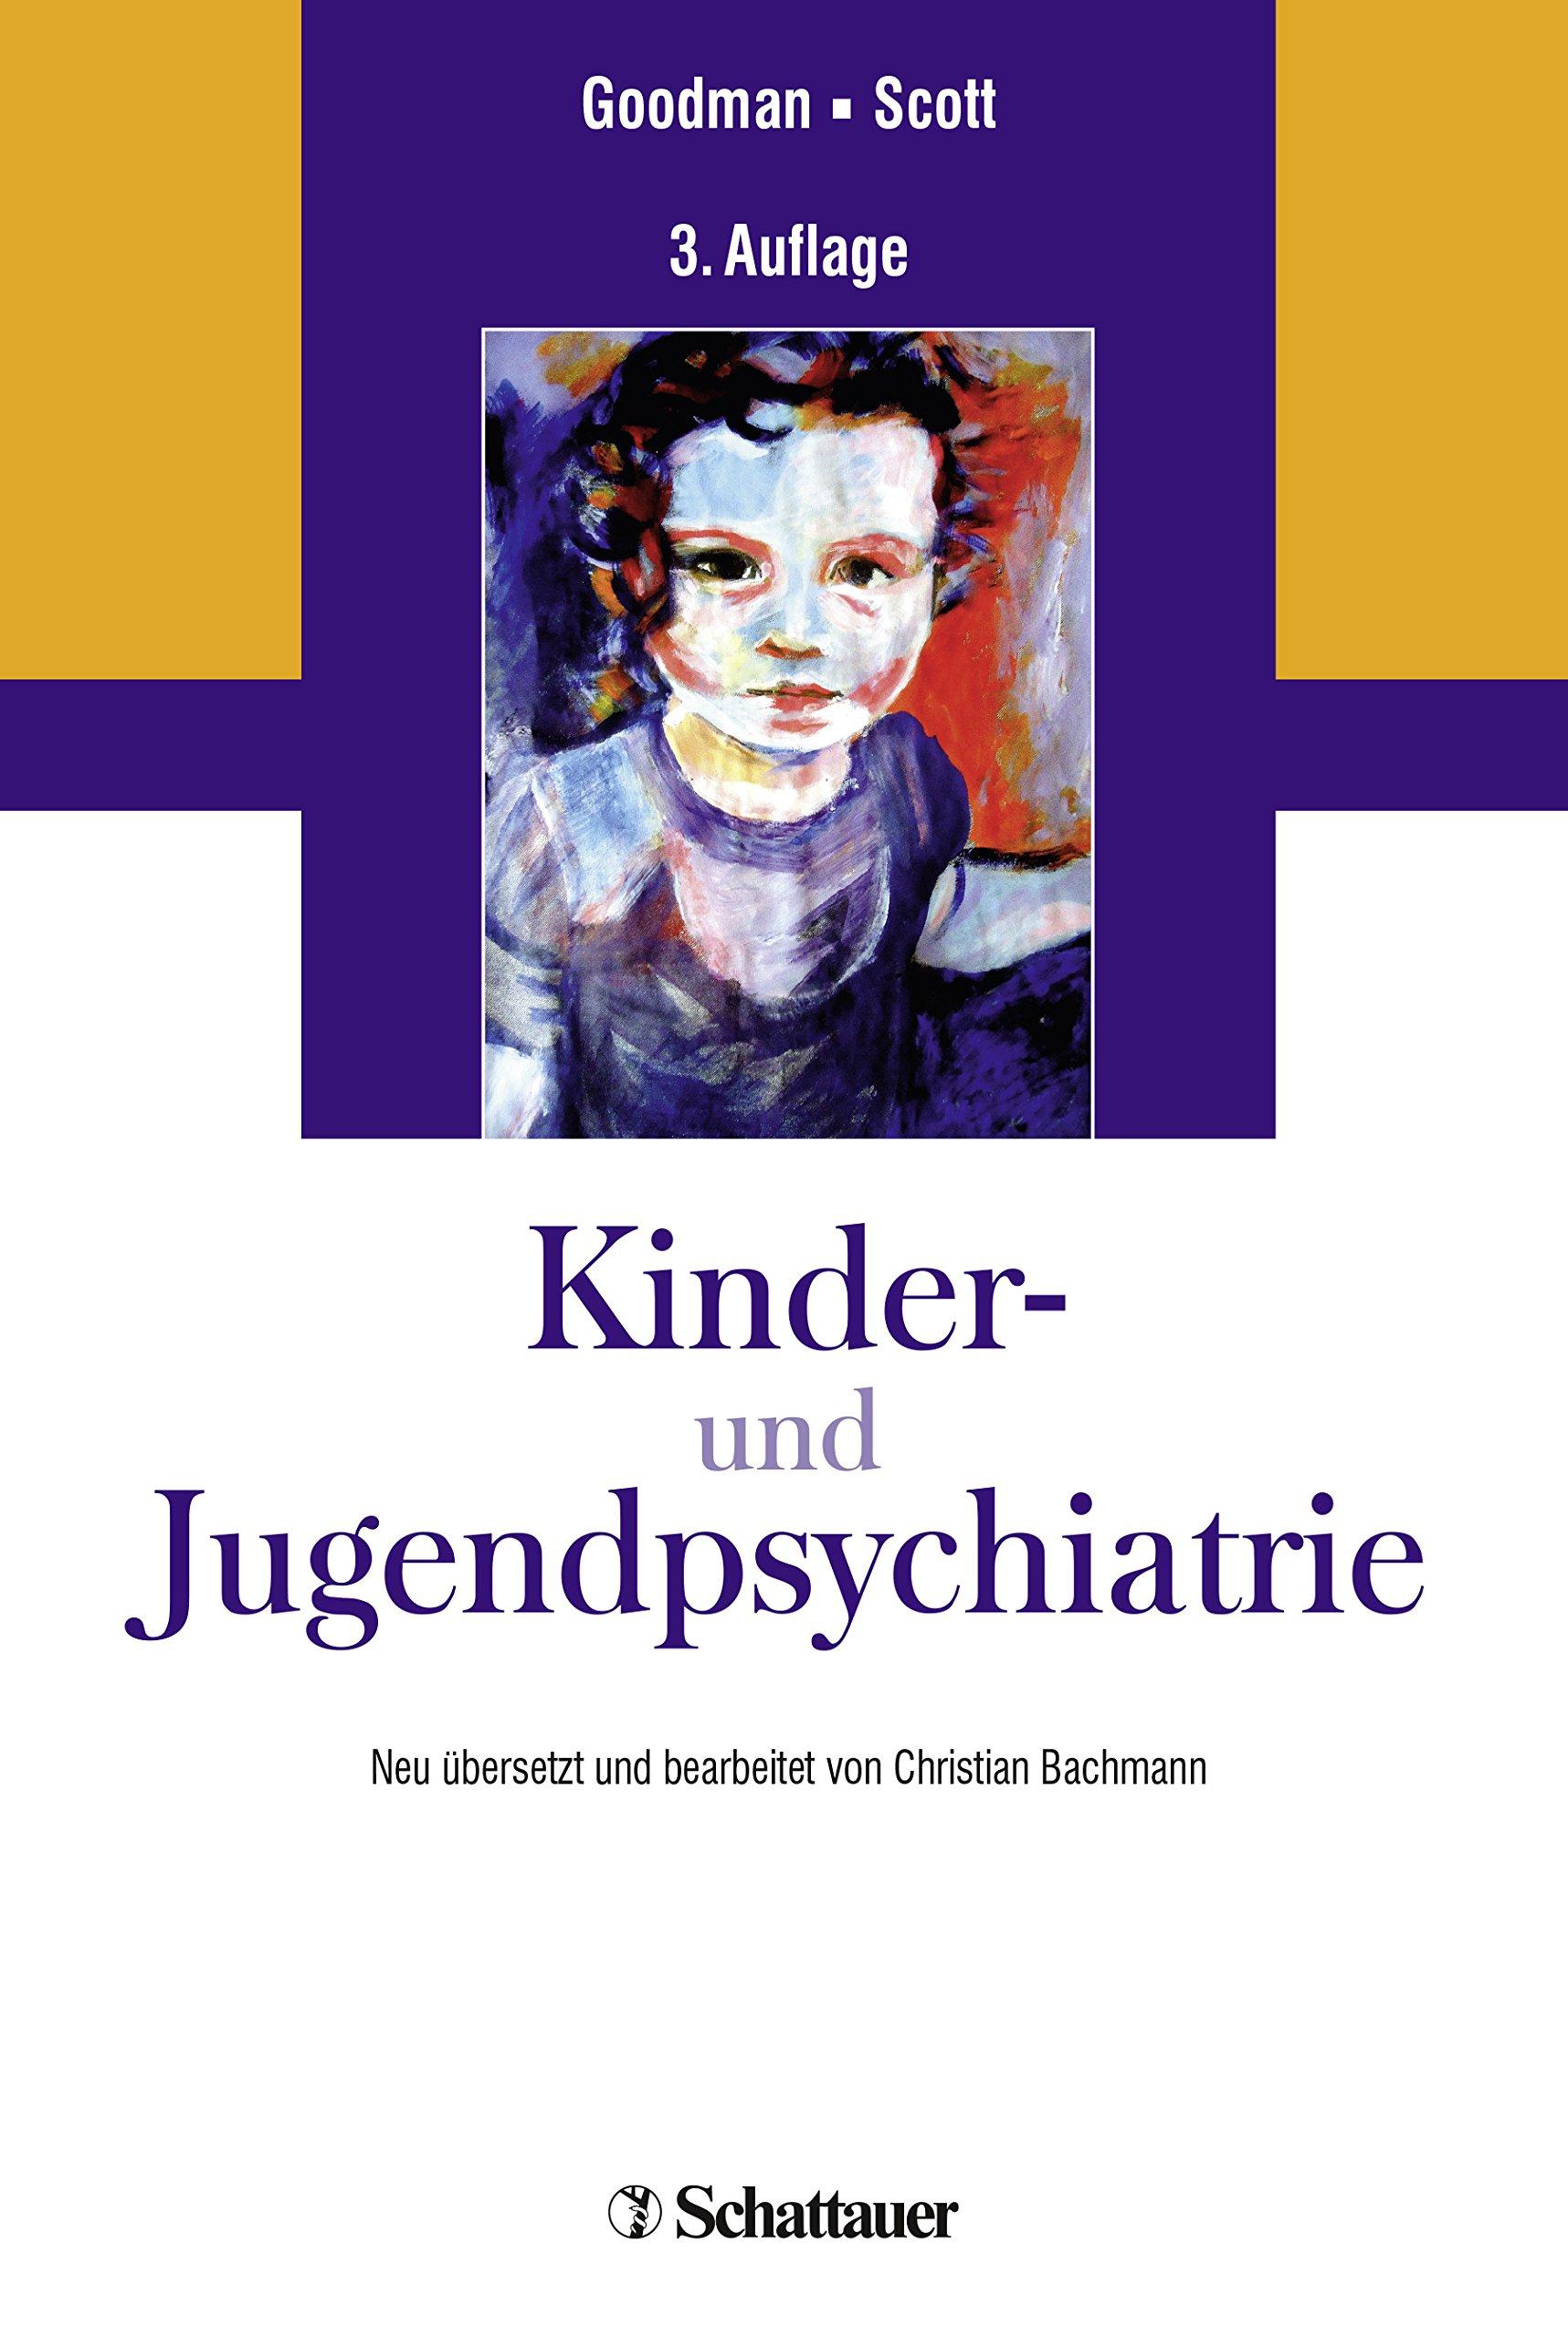 kinder-und-jugendpsychiatrie-neu-bersetzt-und-bearbeitet-von-christian-bachmann